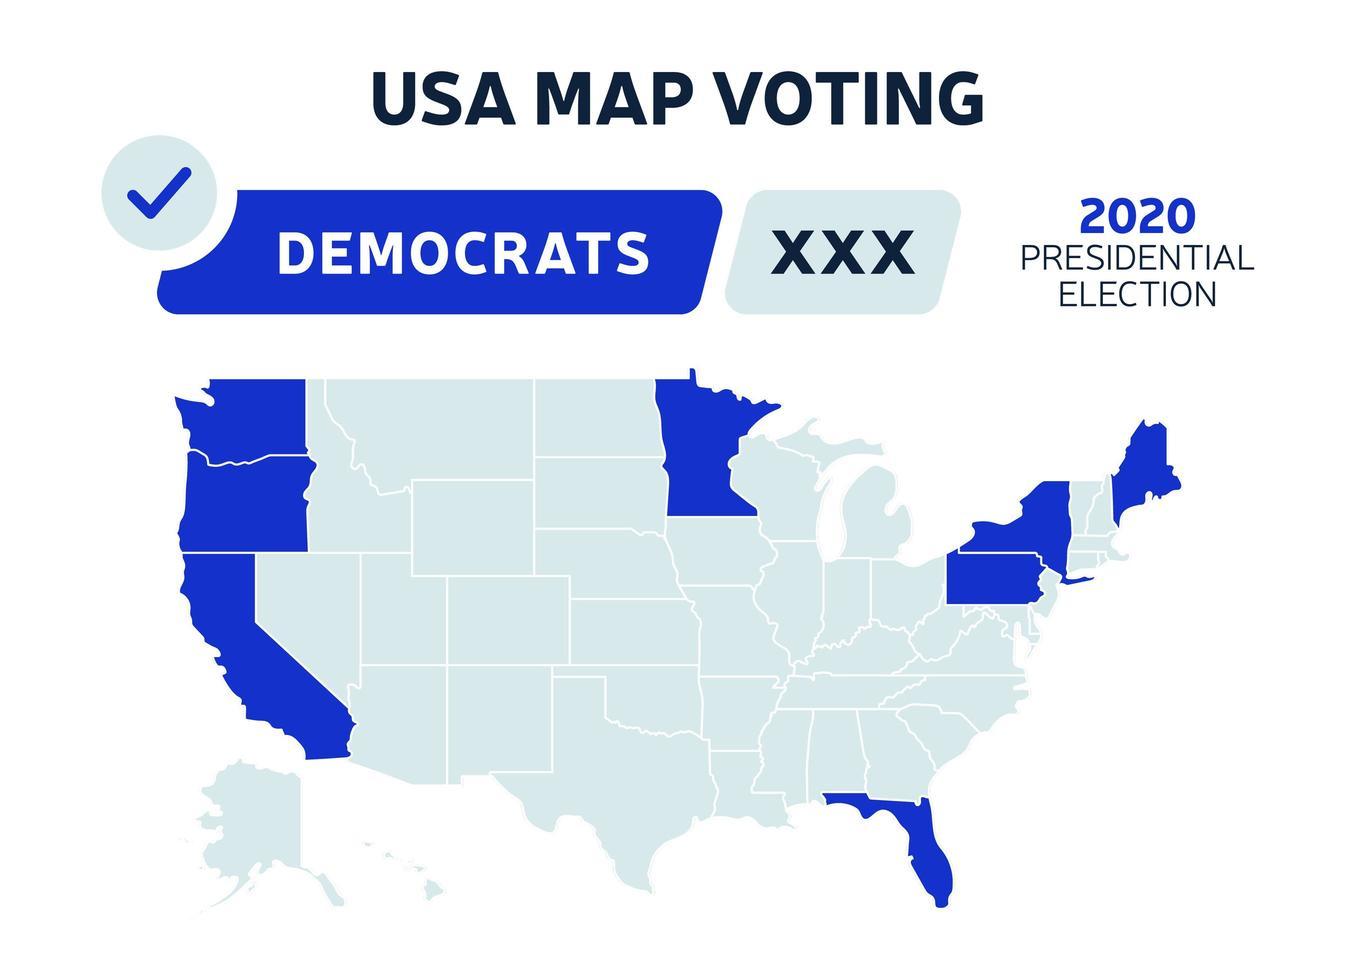 Stati Uniti d'America elezioni presidenziali democratici risultati mappa. voto mappa USA. elezioni presidenziali mappa ogni stato voti elettorali americani che mostrano repubblicani o democratici vettore politico infografica